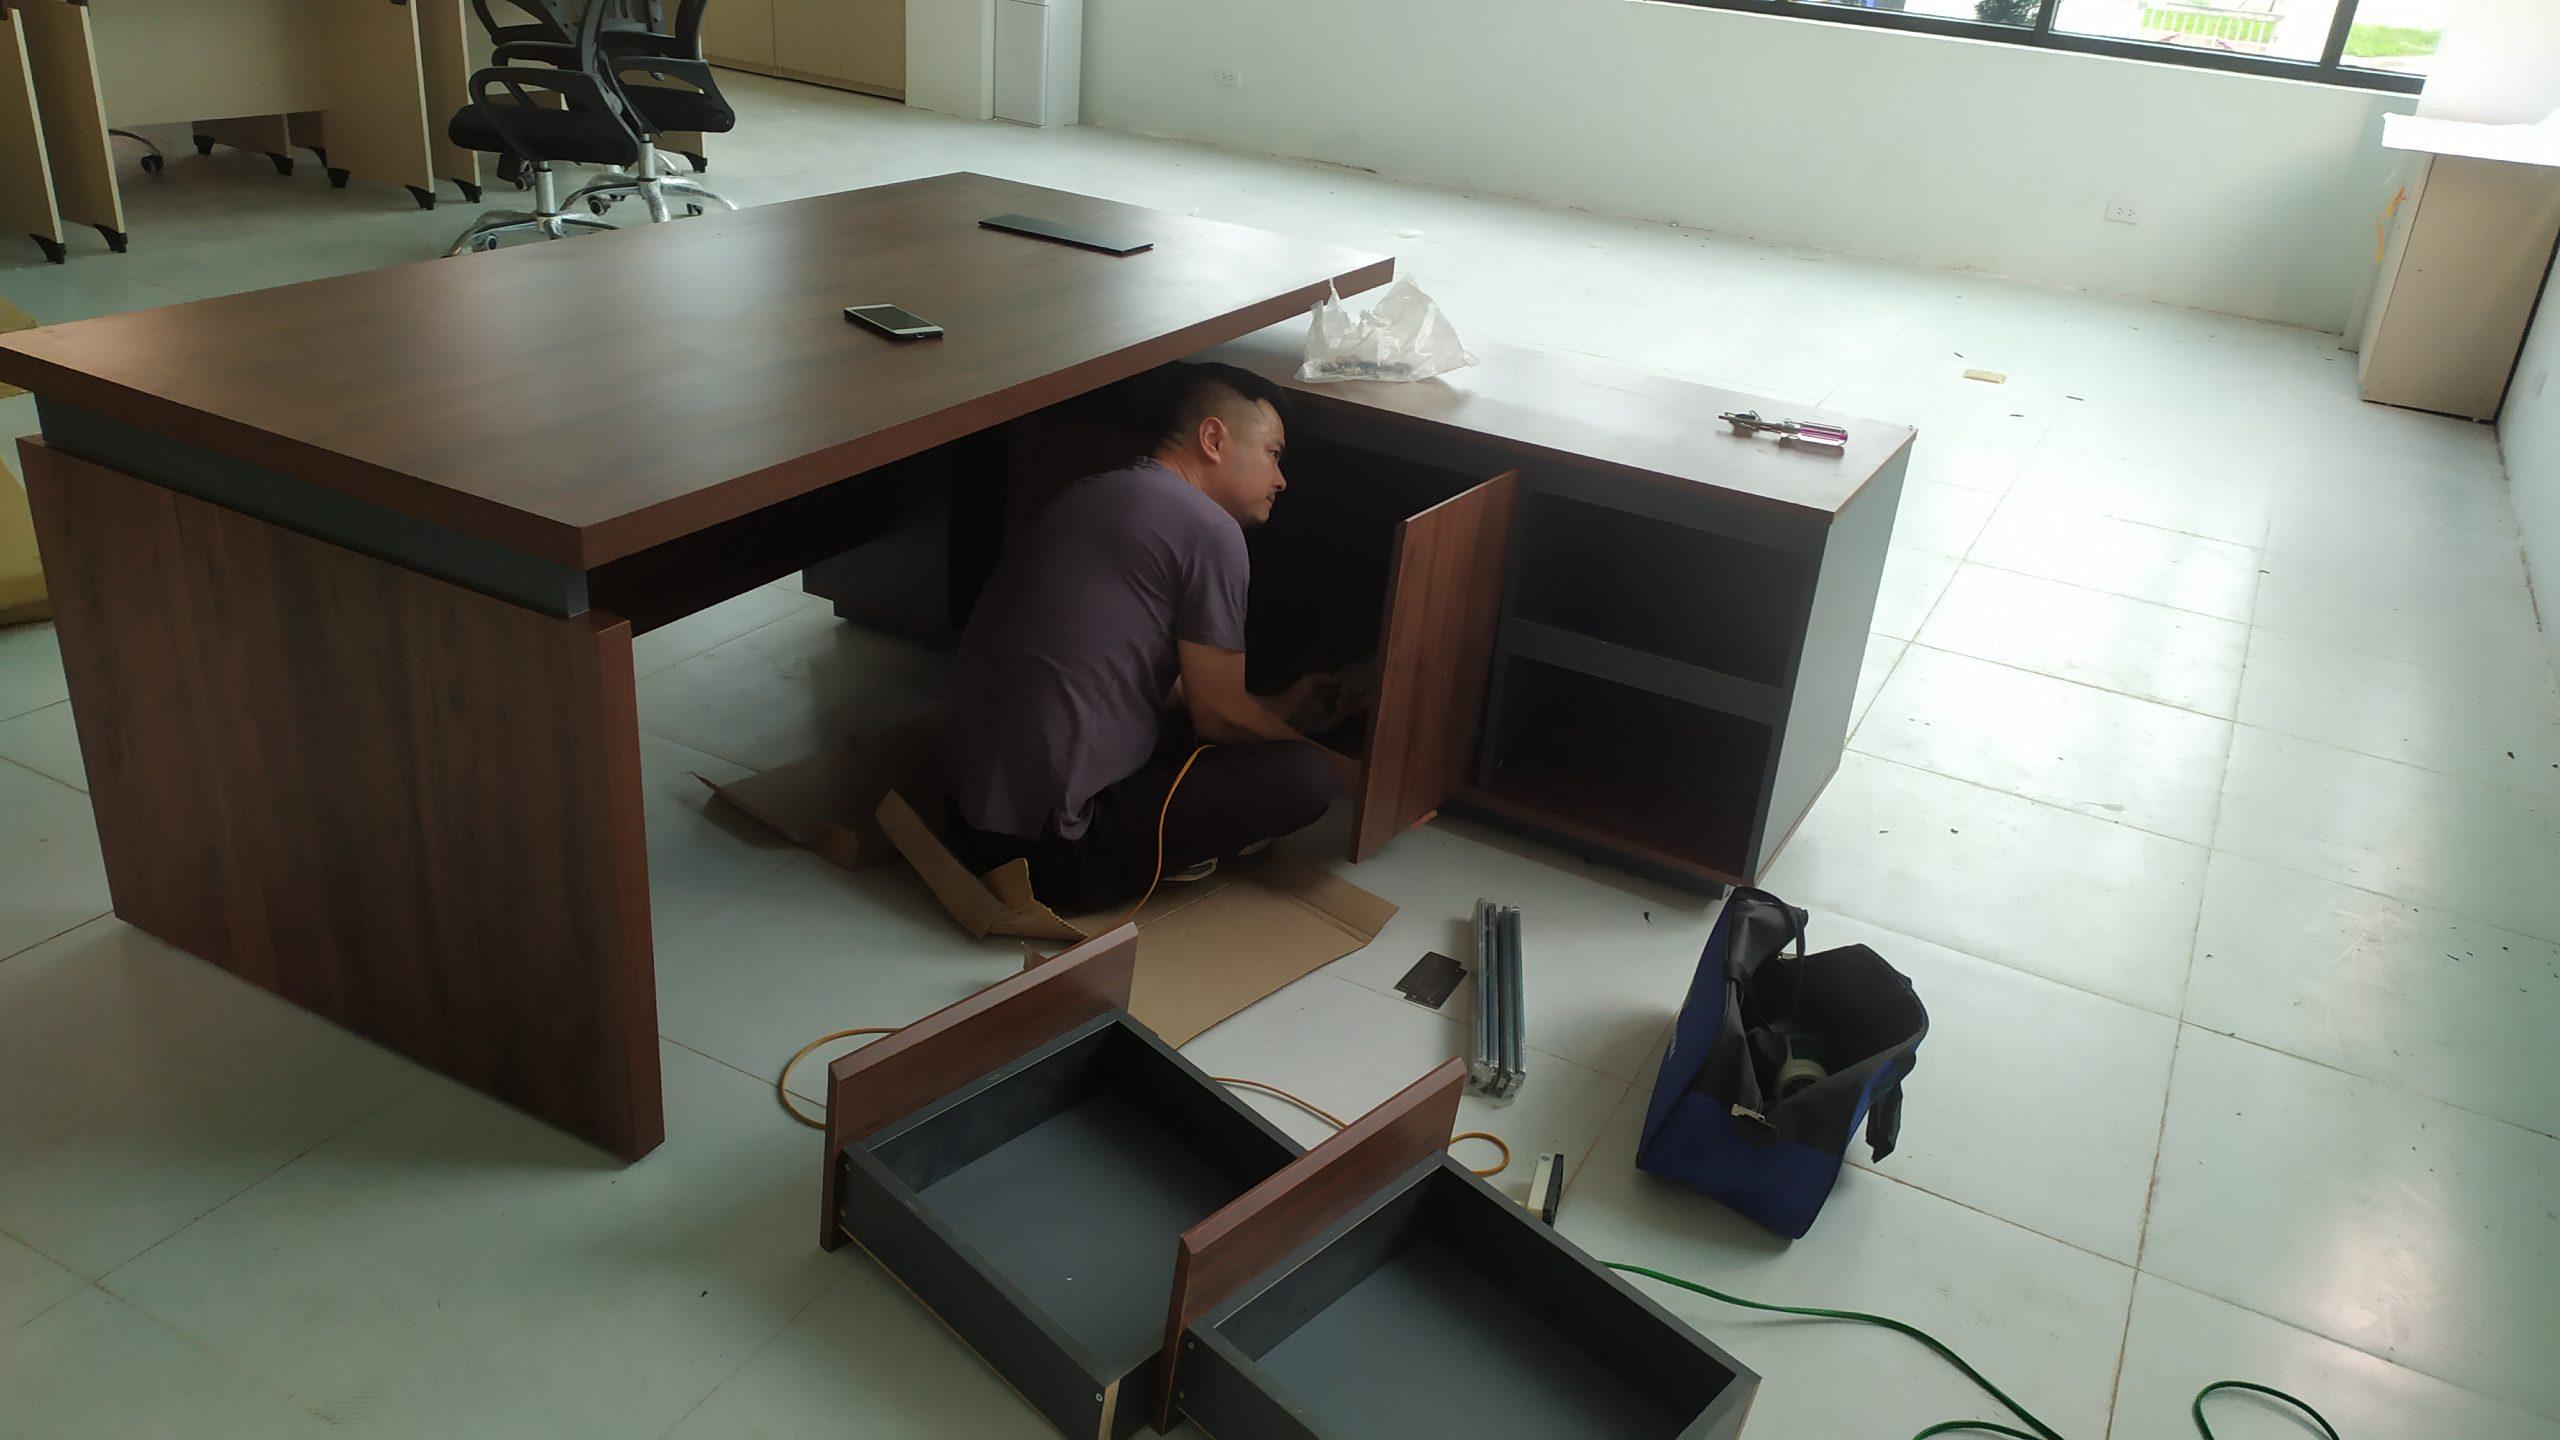 lắp đặt bàn luxb1818v3 kcn bá thiện 2